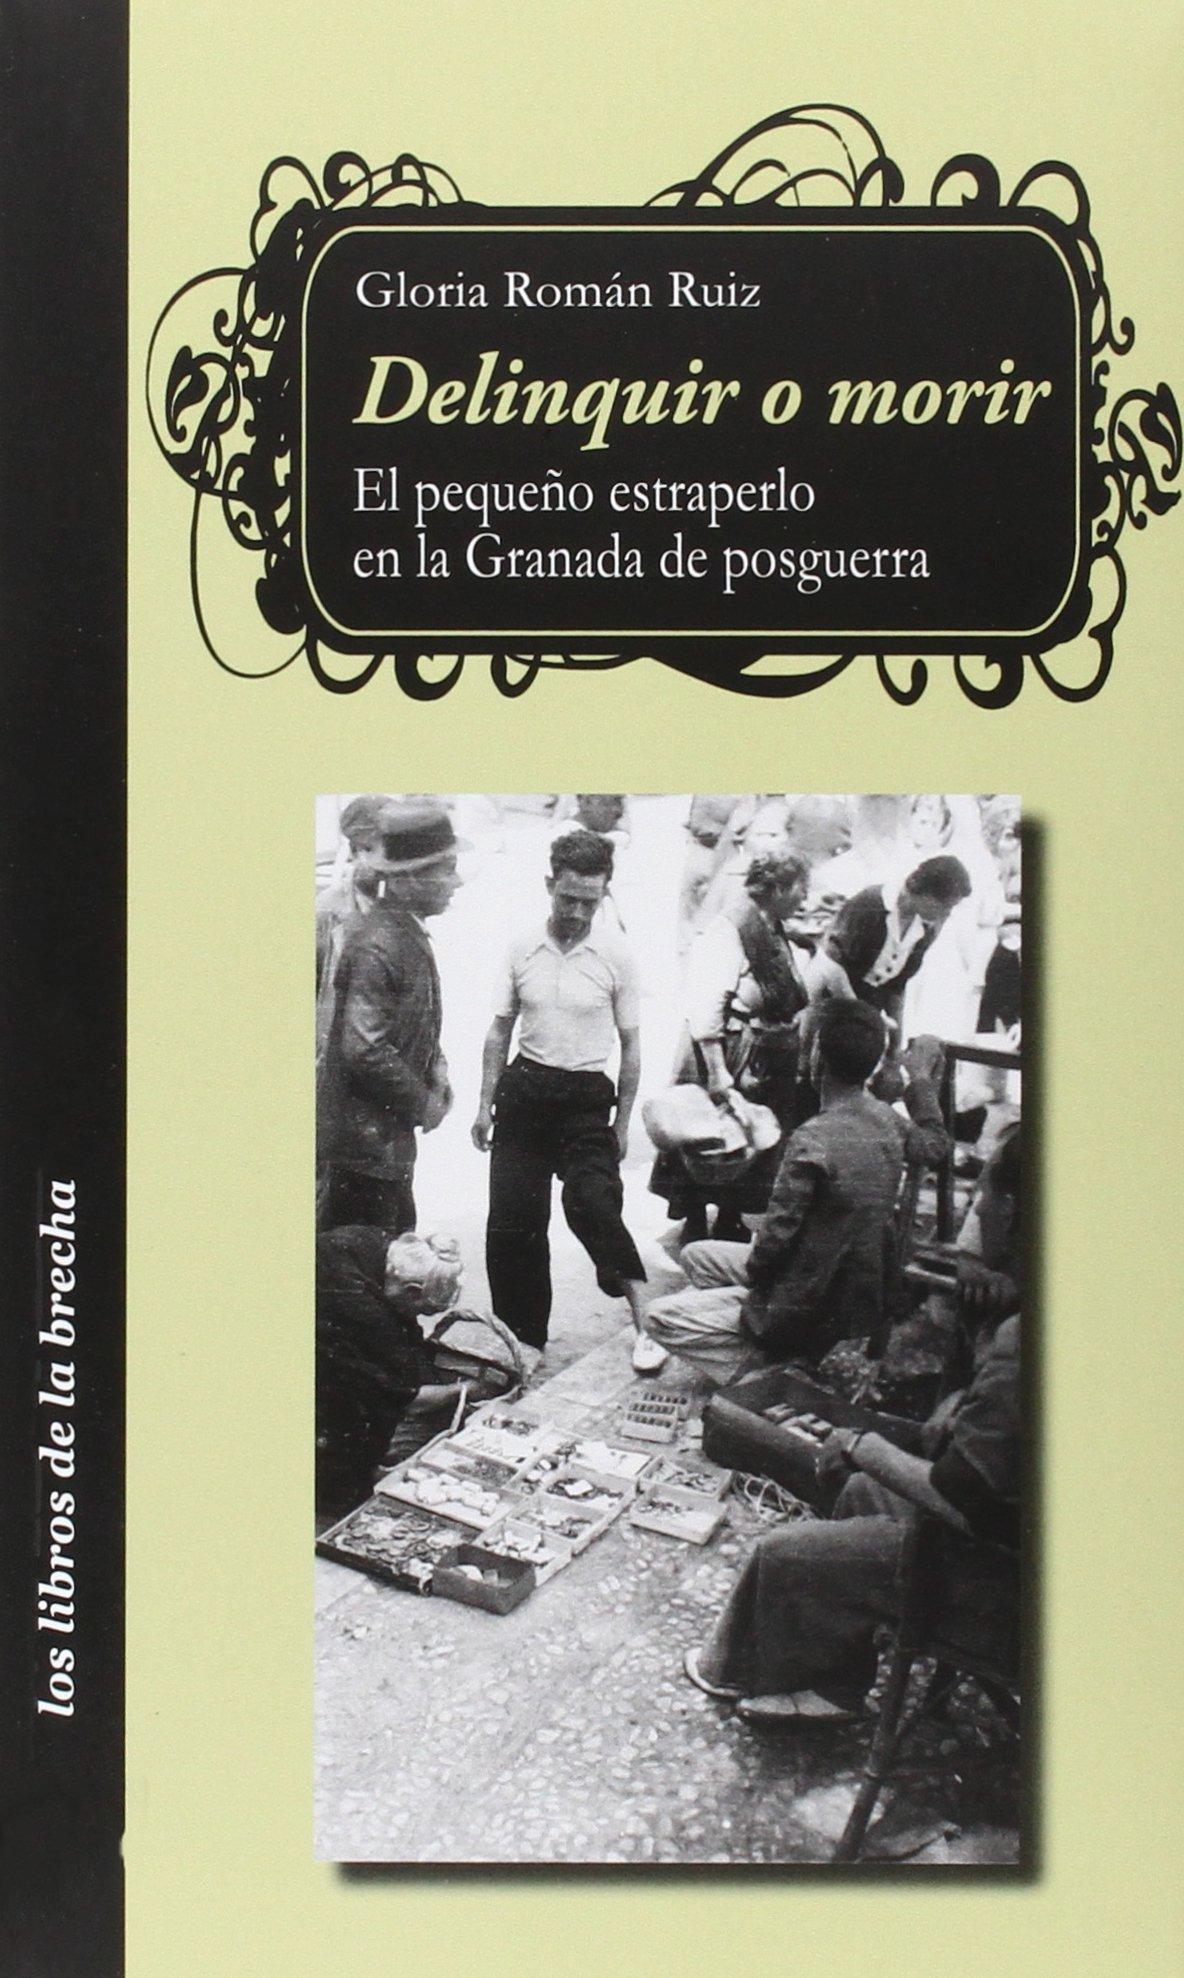 Delinquir o morir (Libros De La Brecha): Amazon.es: Gloria Román Ruiz: Libros